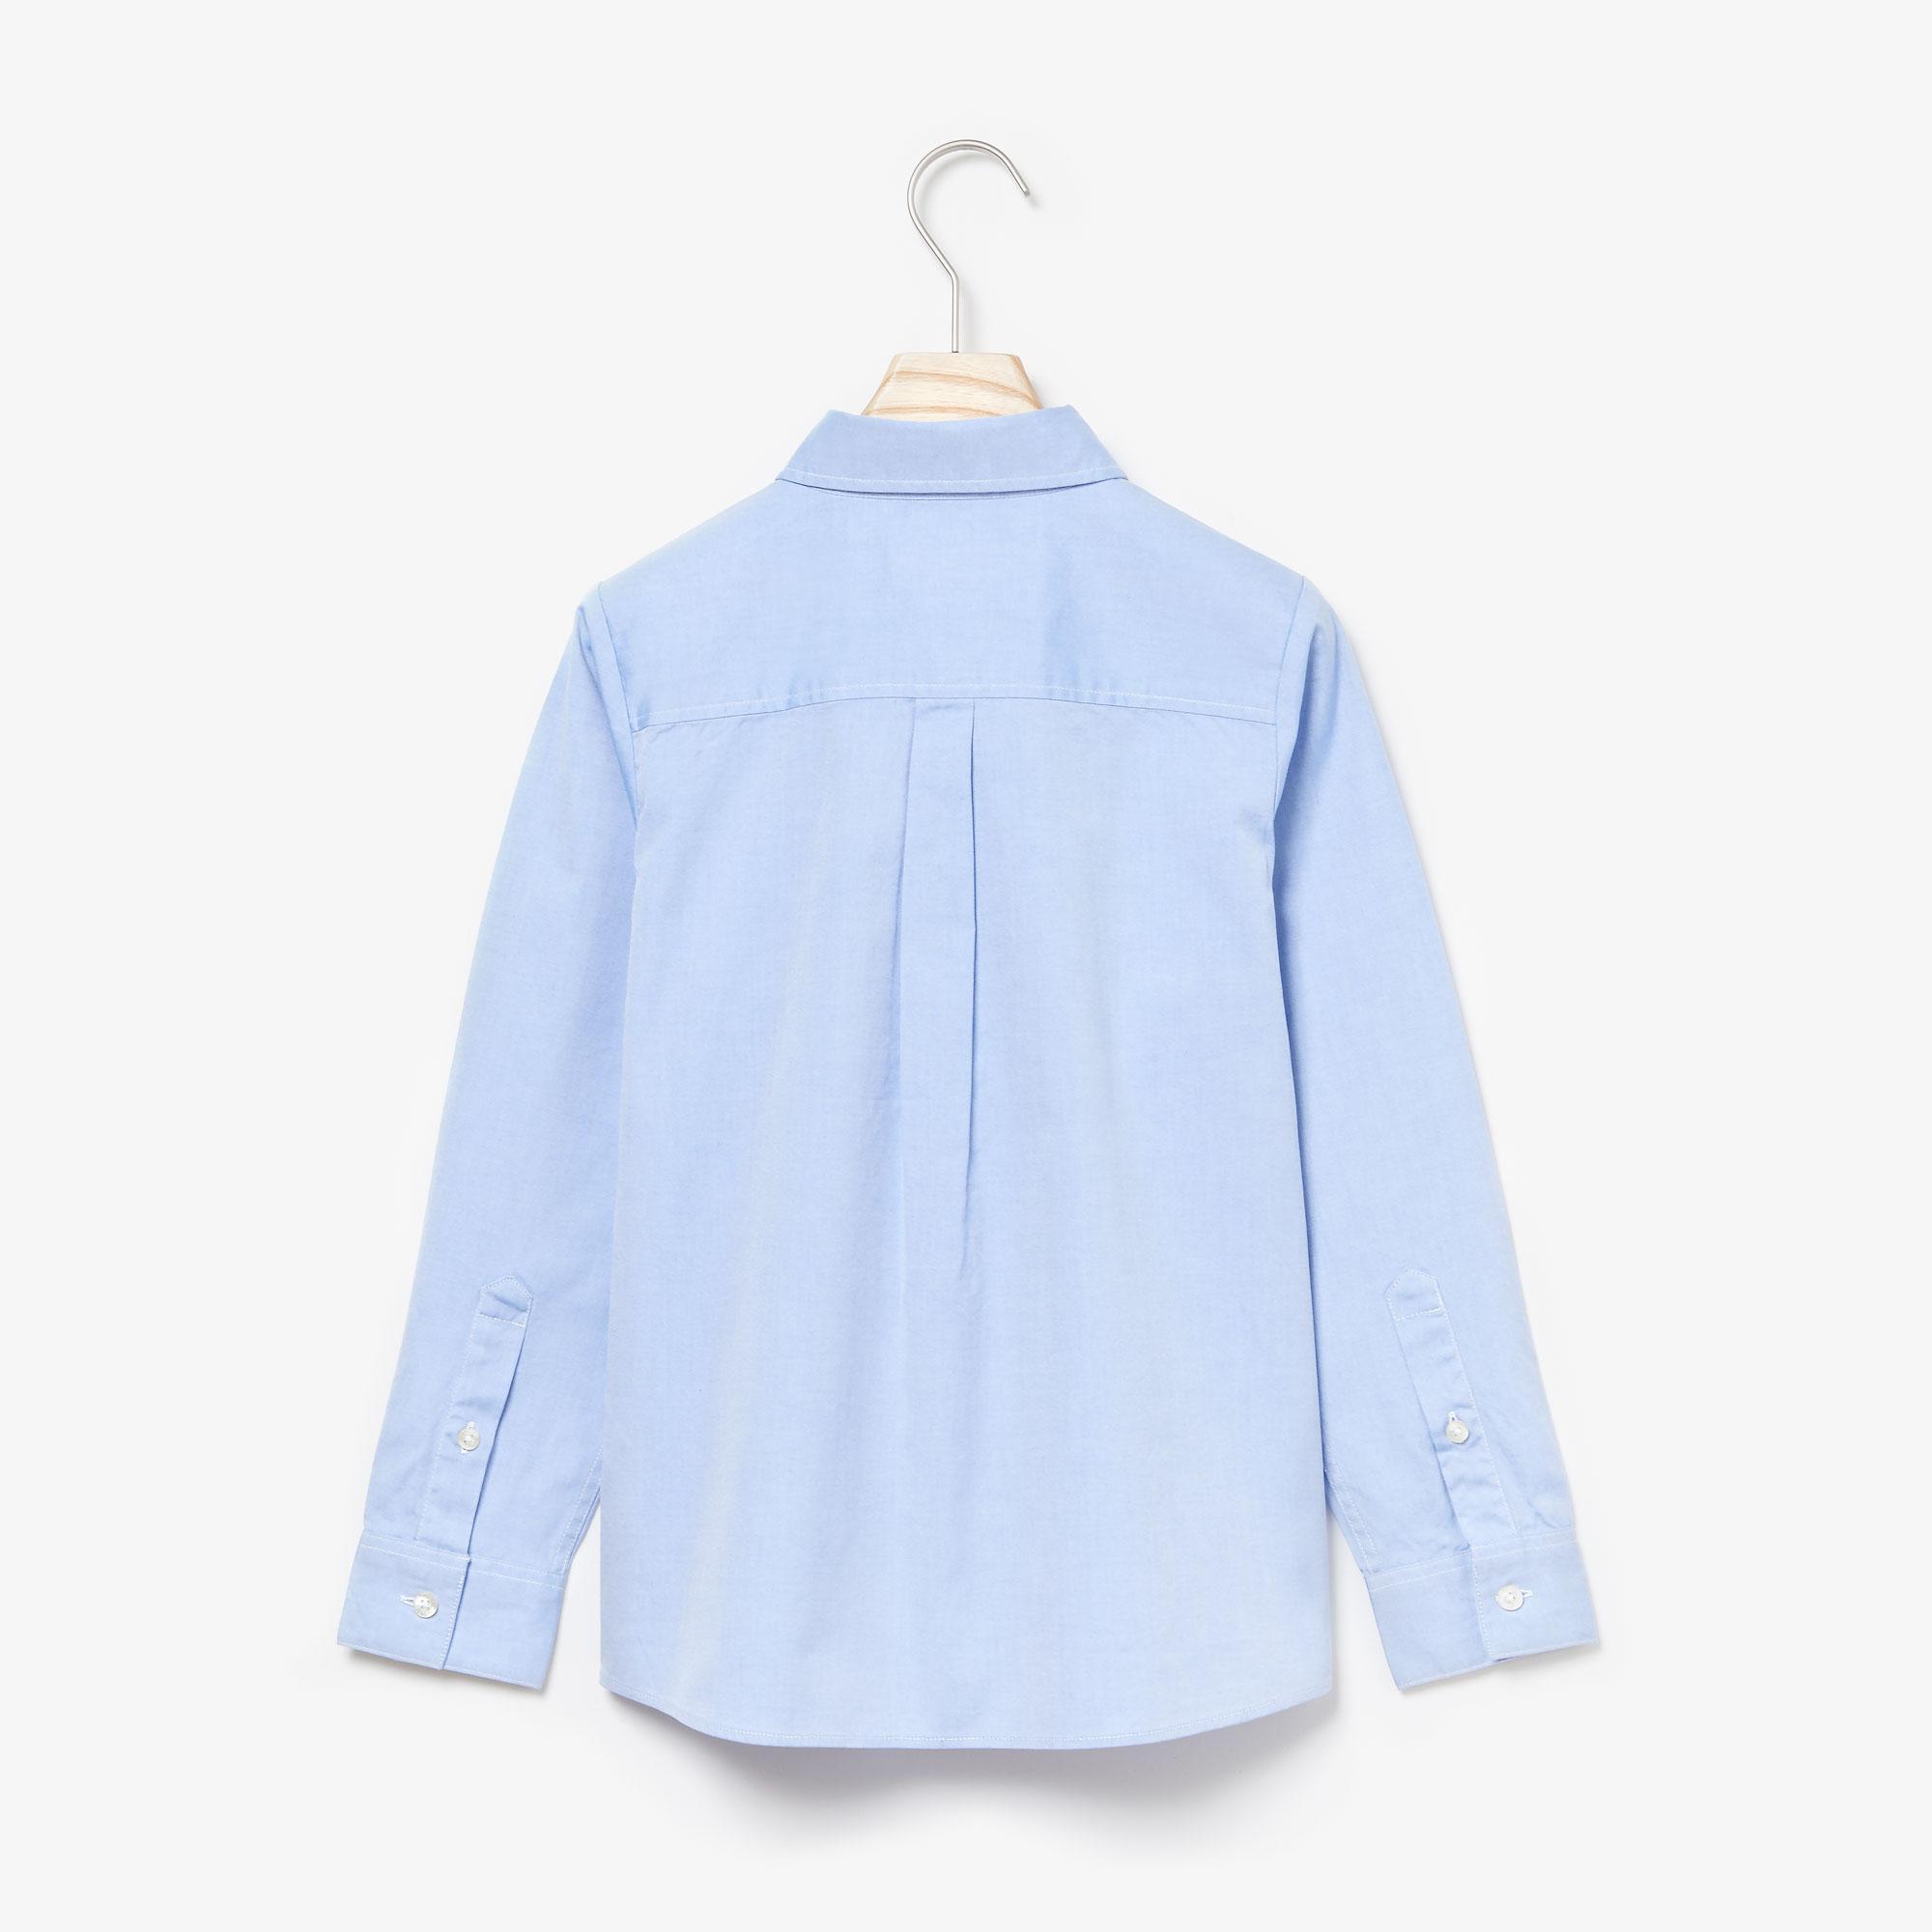 Lacoste Dziecięca tkana koszula z długim rękawem